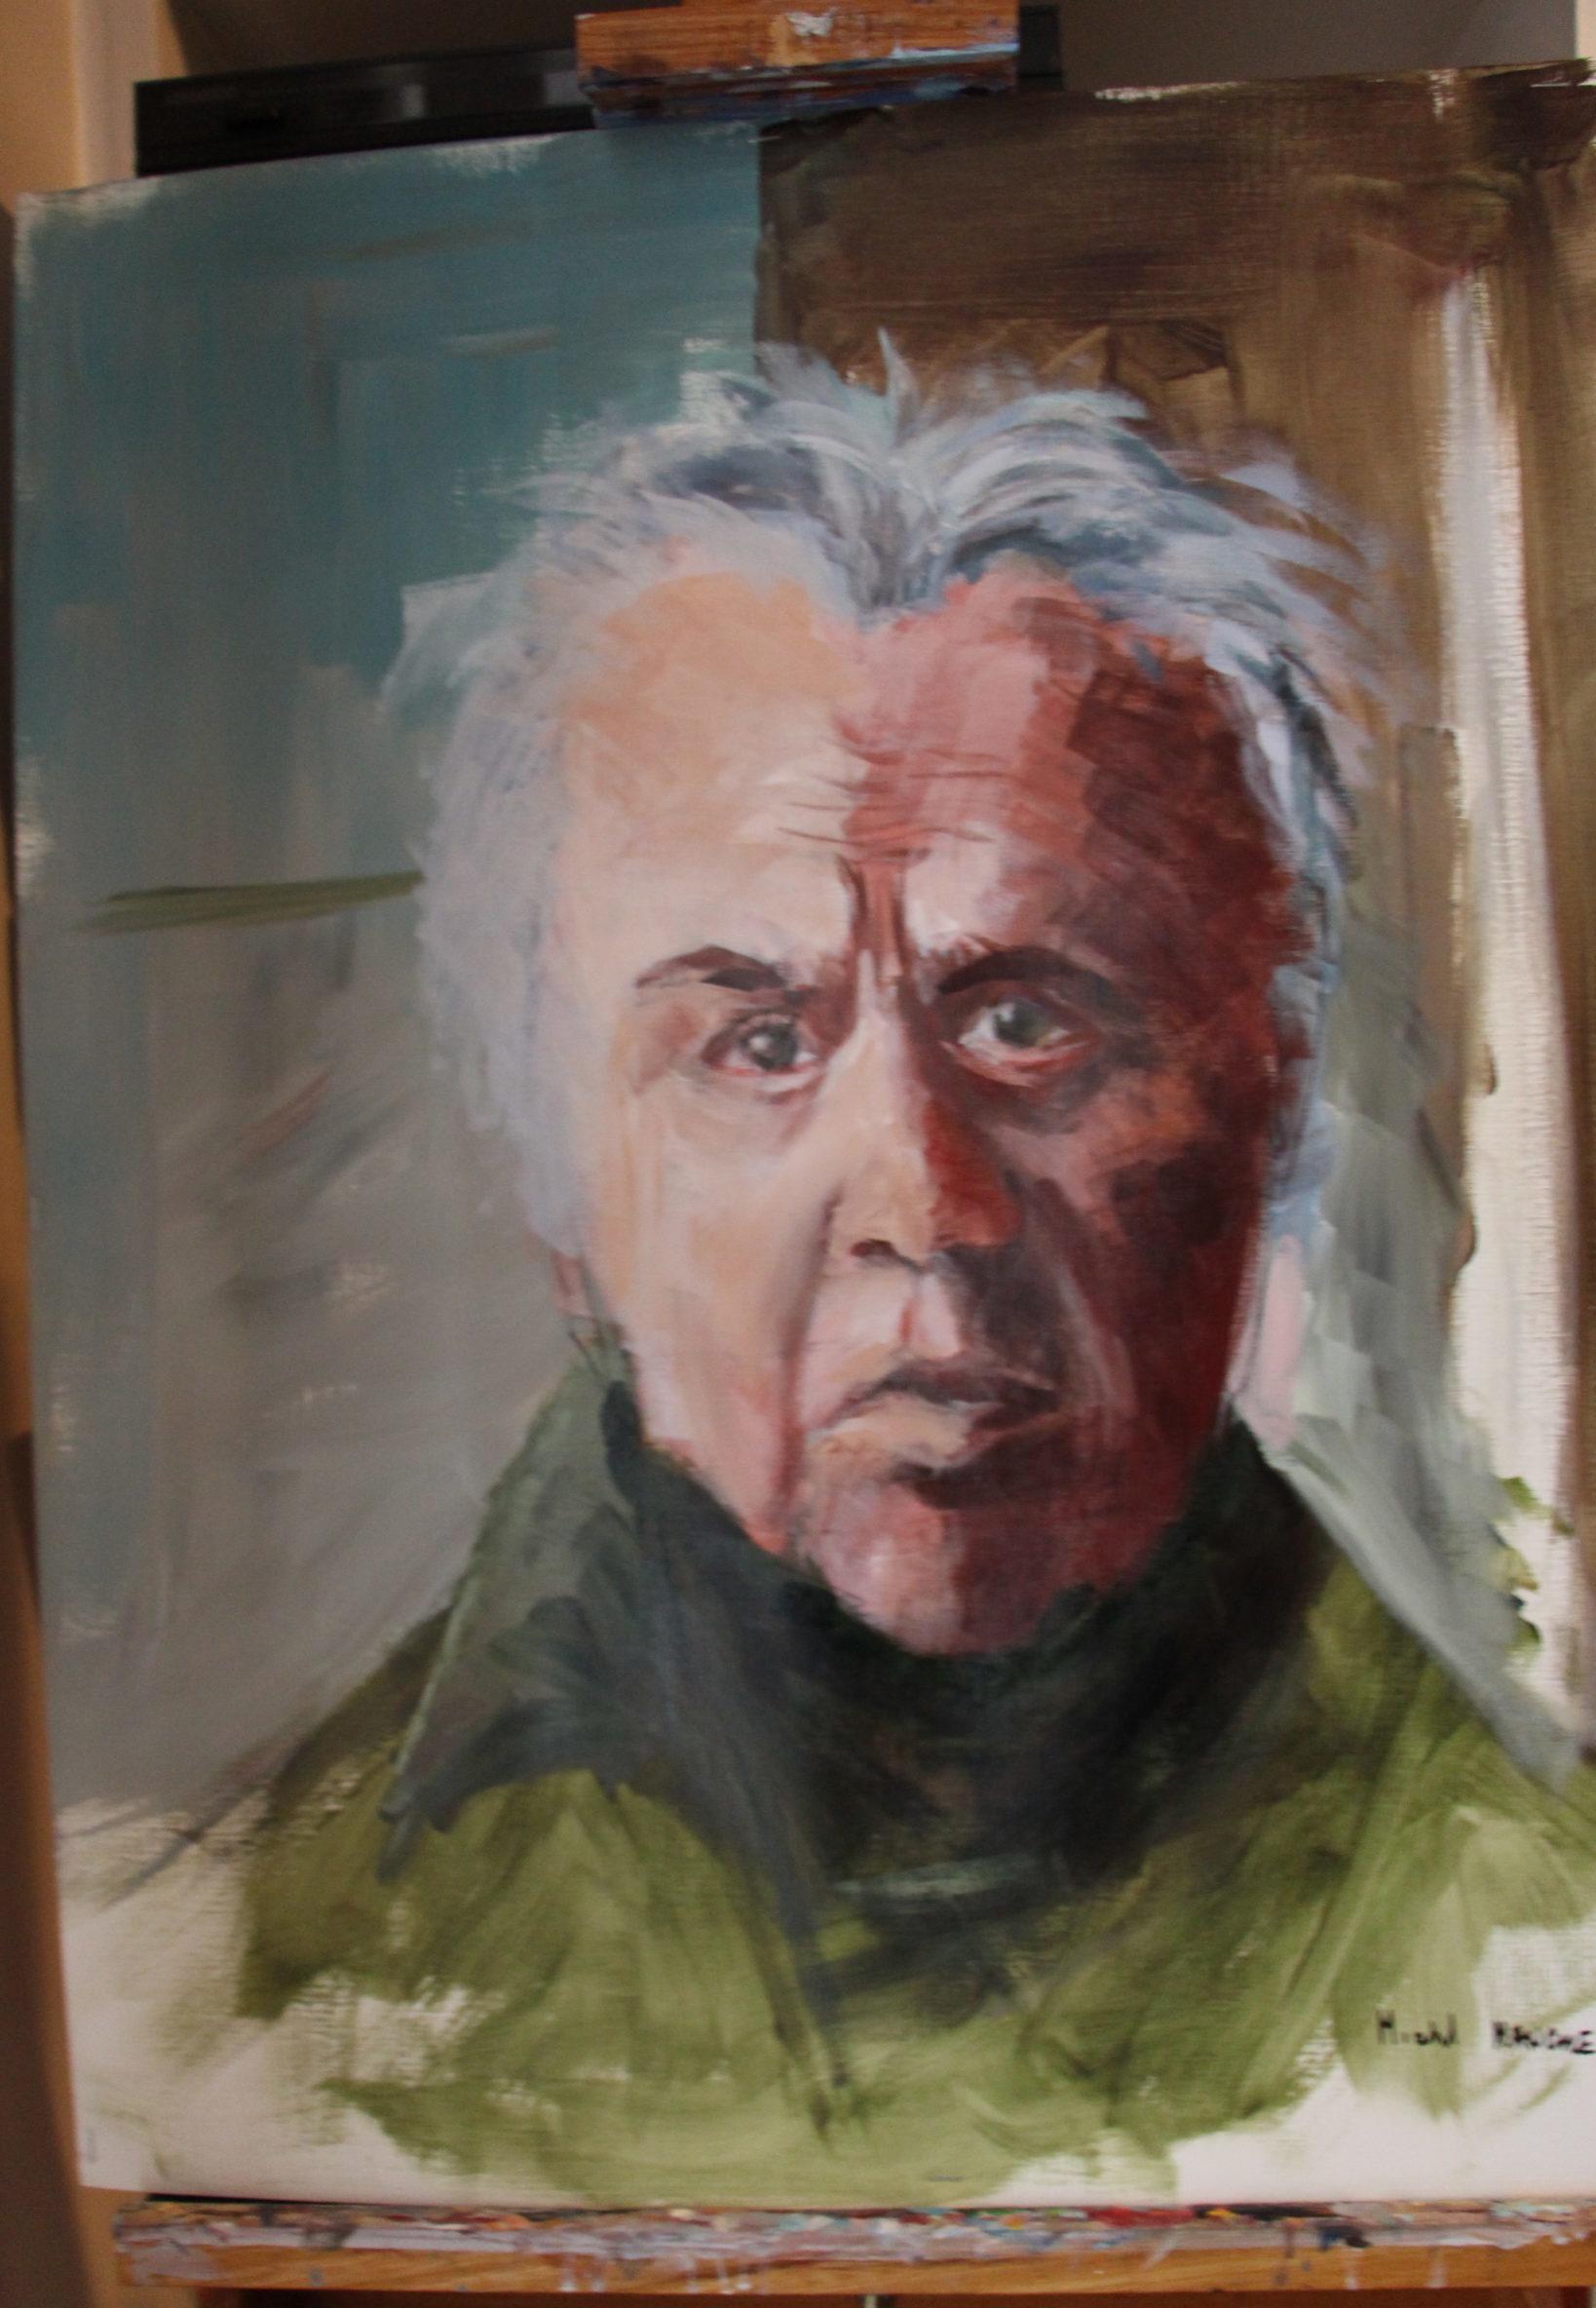 Voici une pièce de notre  Ami Michel MANCRET, qui vient de réaliser un portrait d'Alain LAUGIER, le fondateur de notre association.